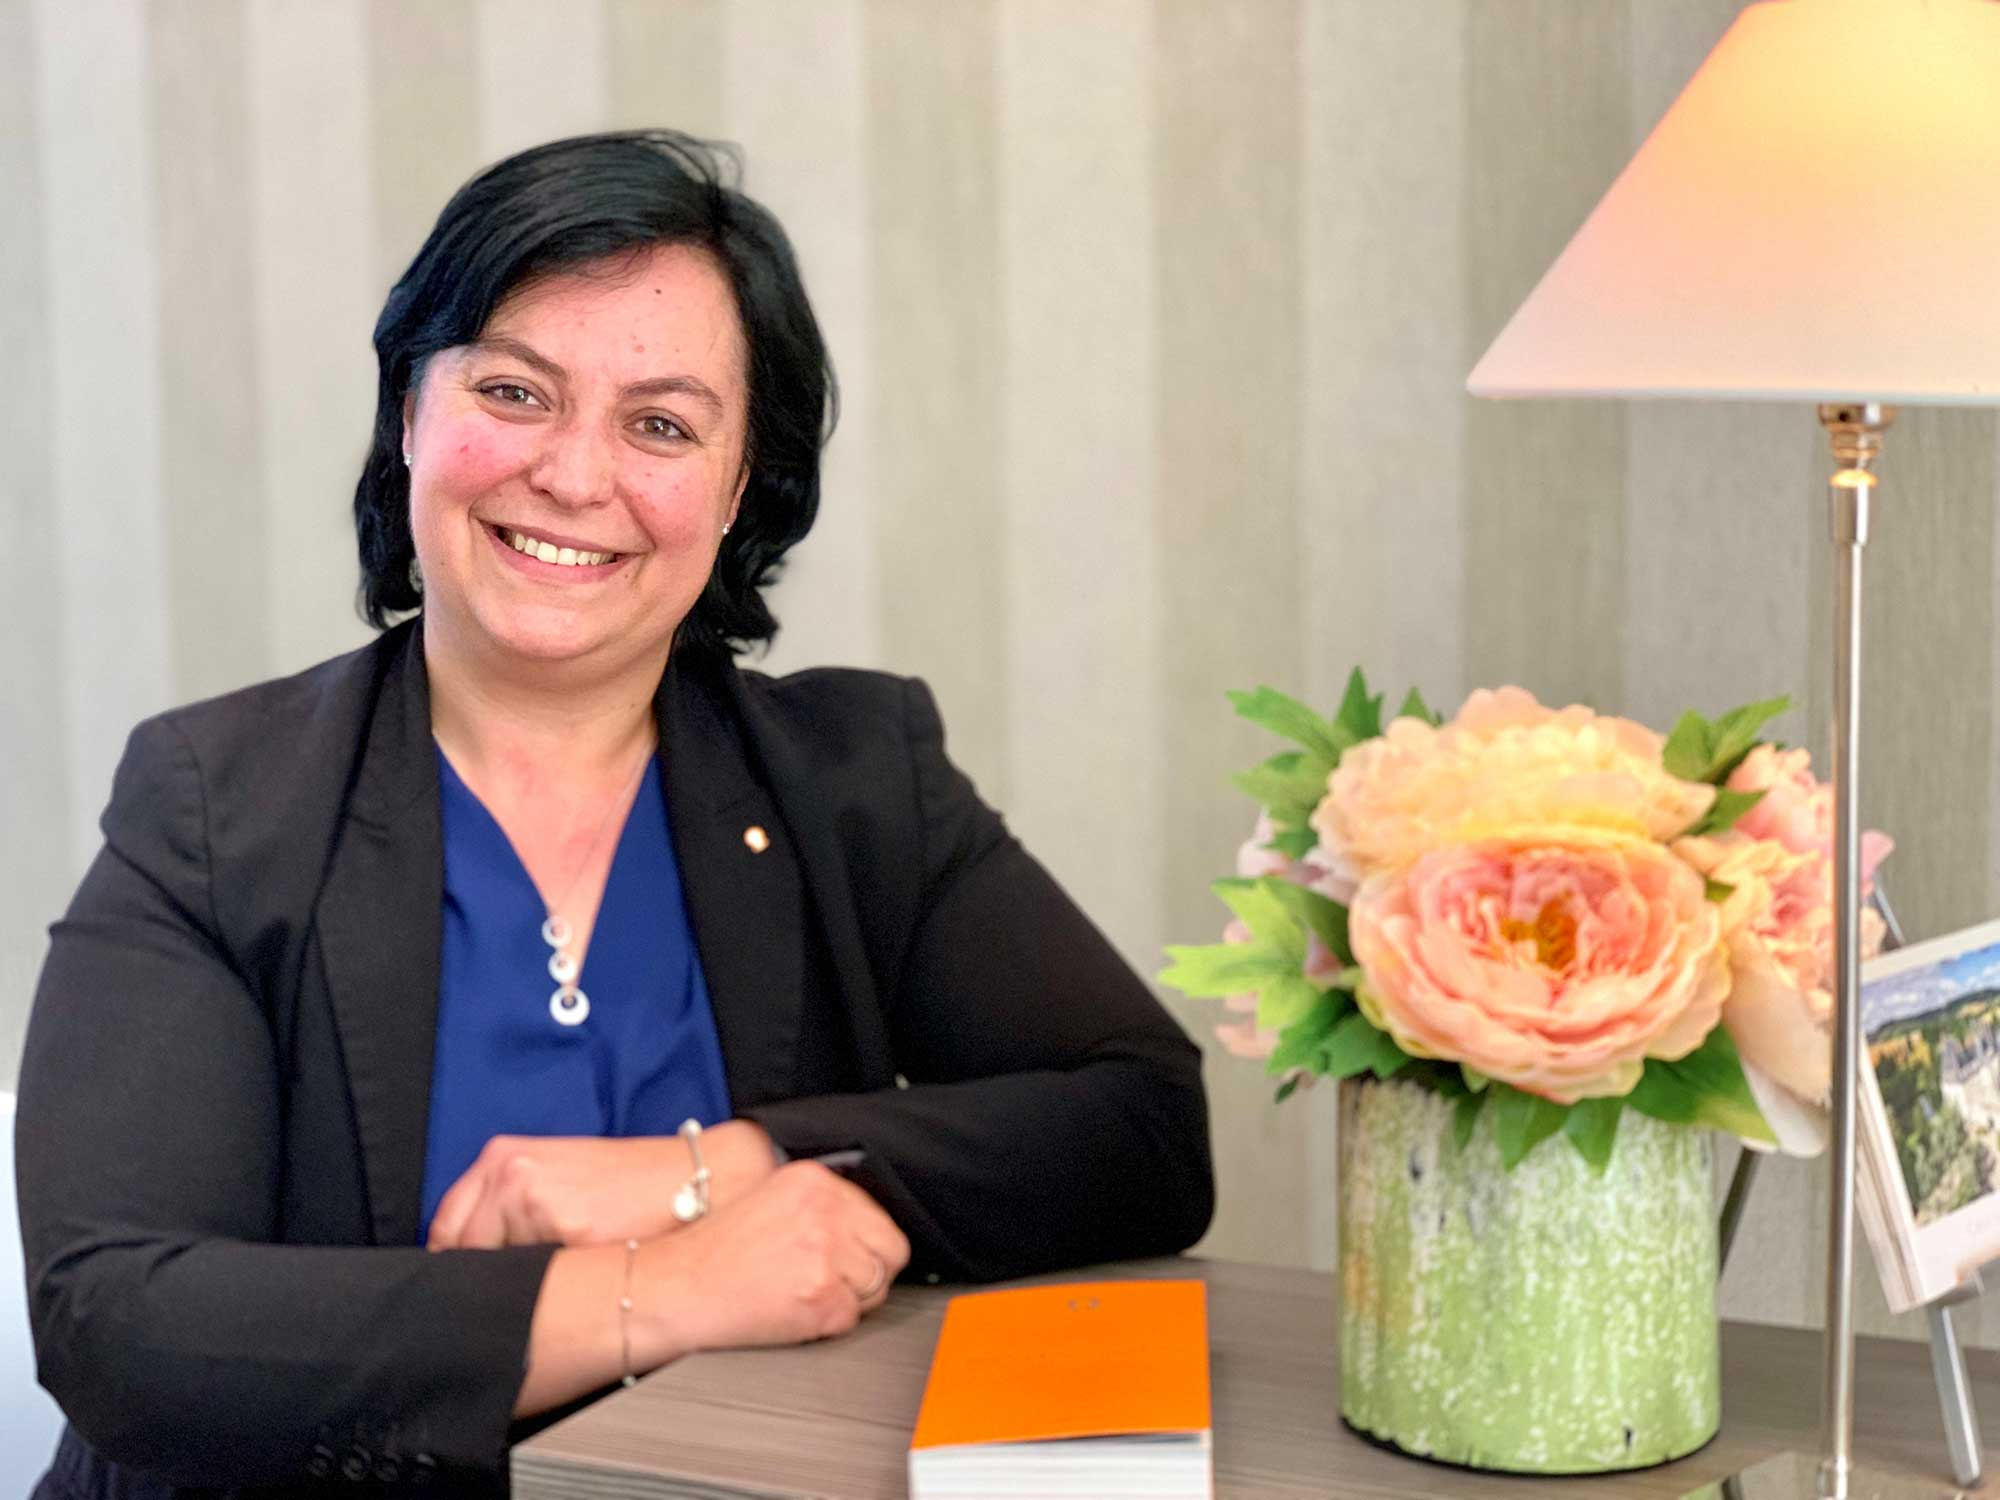 Femme accoudée à un bureau, blazer noir et chemisier bleu, un livre orange posé sur le bureau